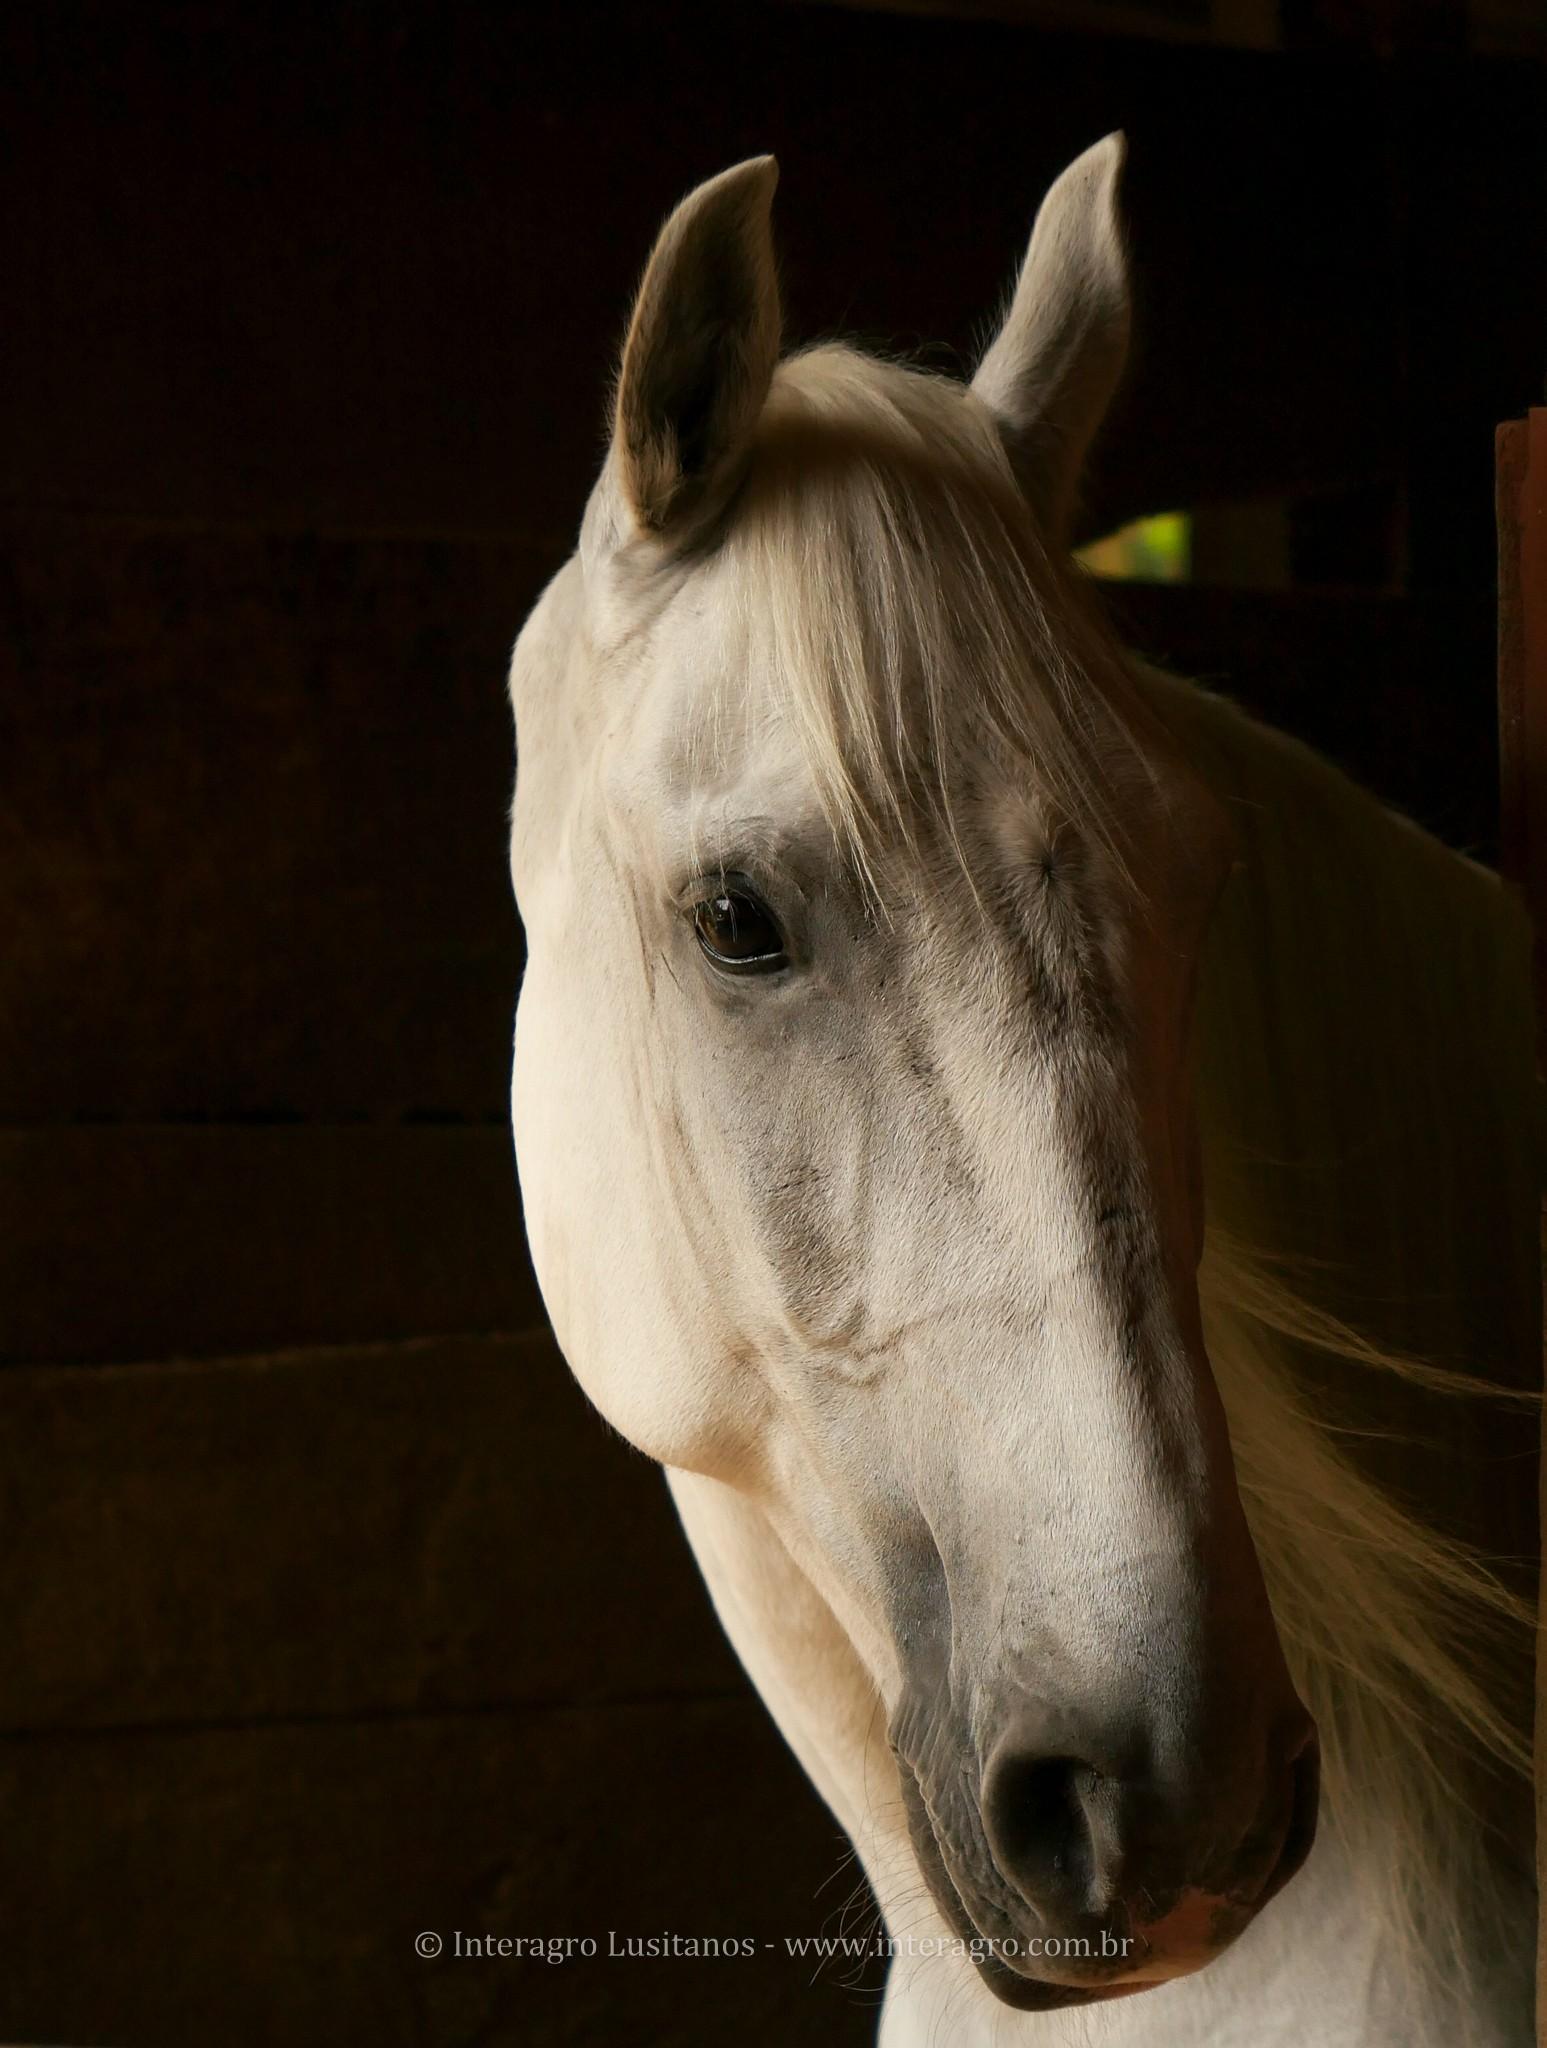 Eros Interagro em sua 1a prova de Equitação de Trabalho